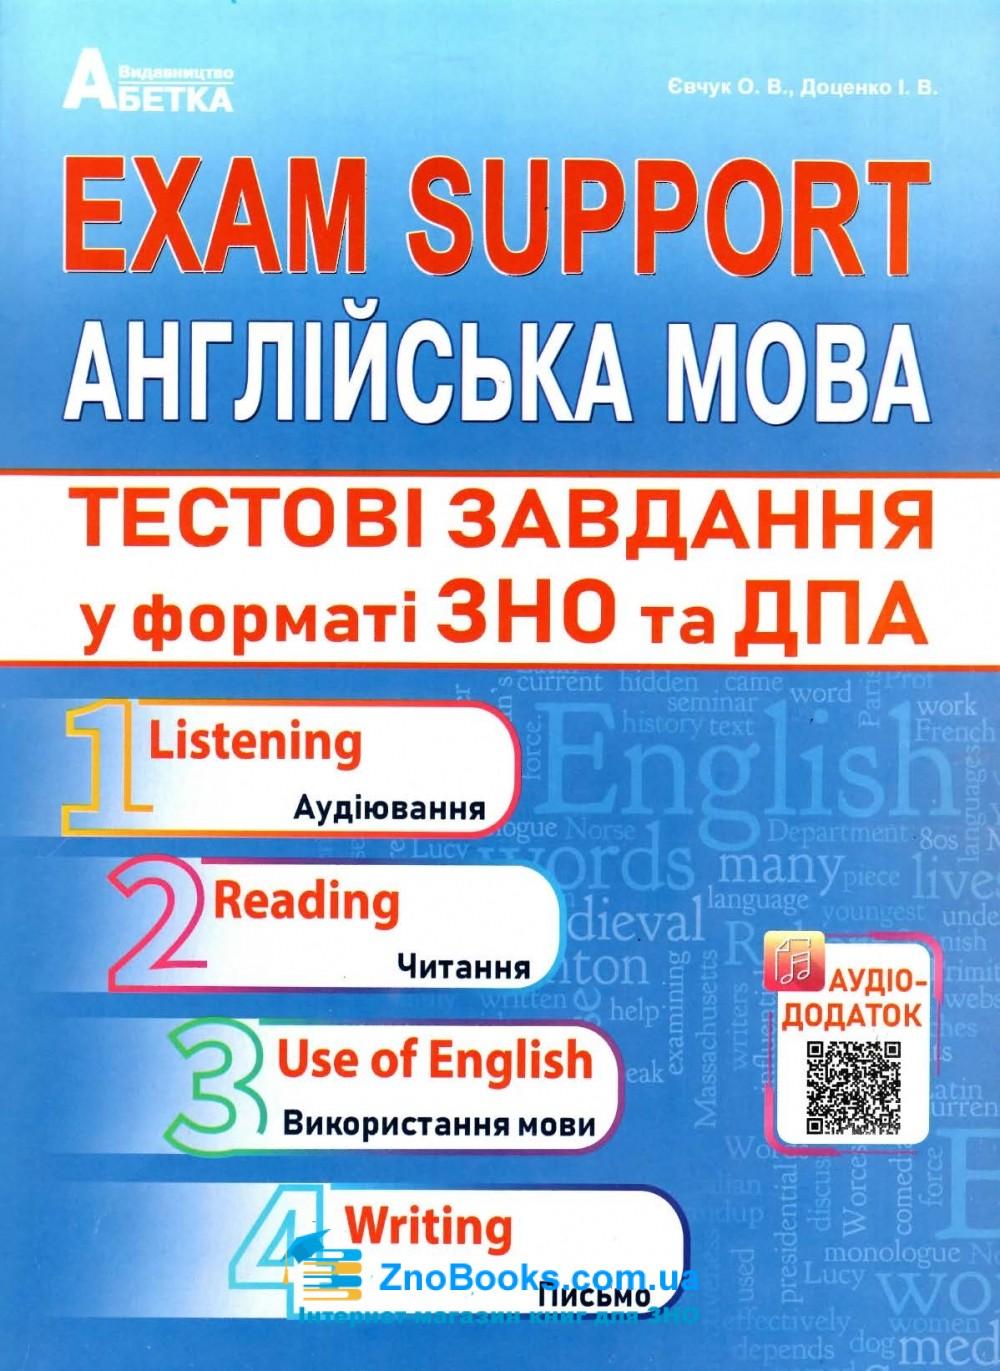 Англійська мова (Exam Support). Тестові завдання у форматі ЗНО та ДПА 2020. купити 0